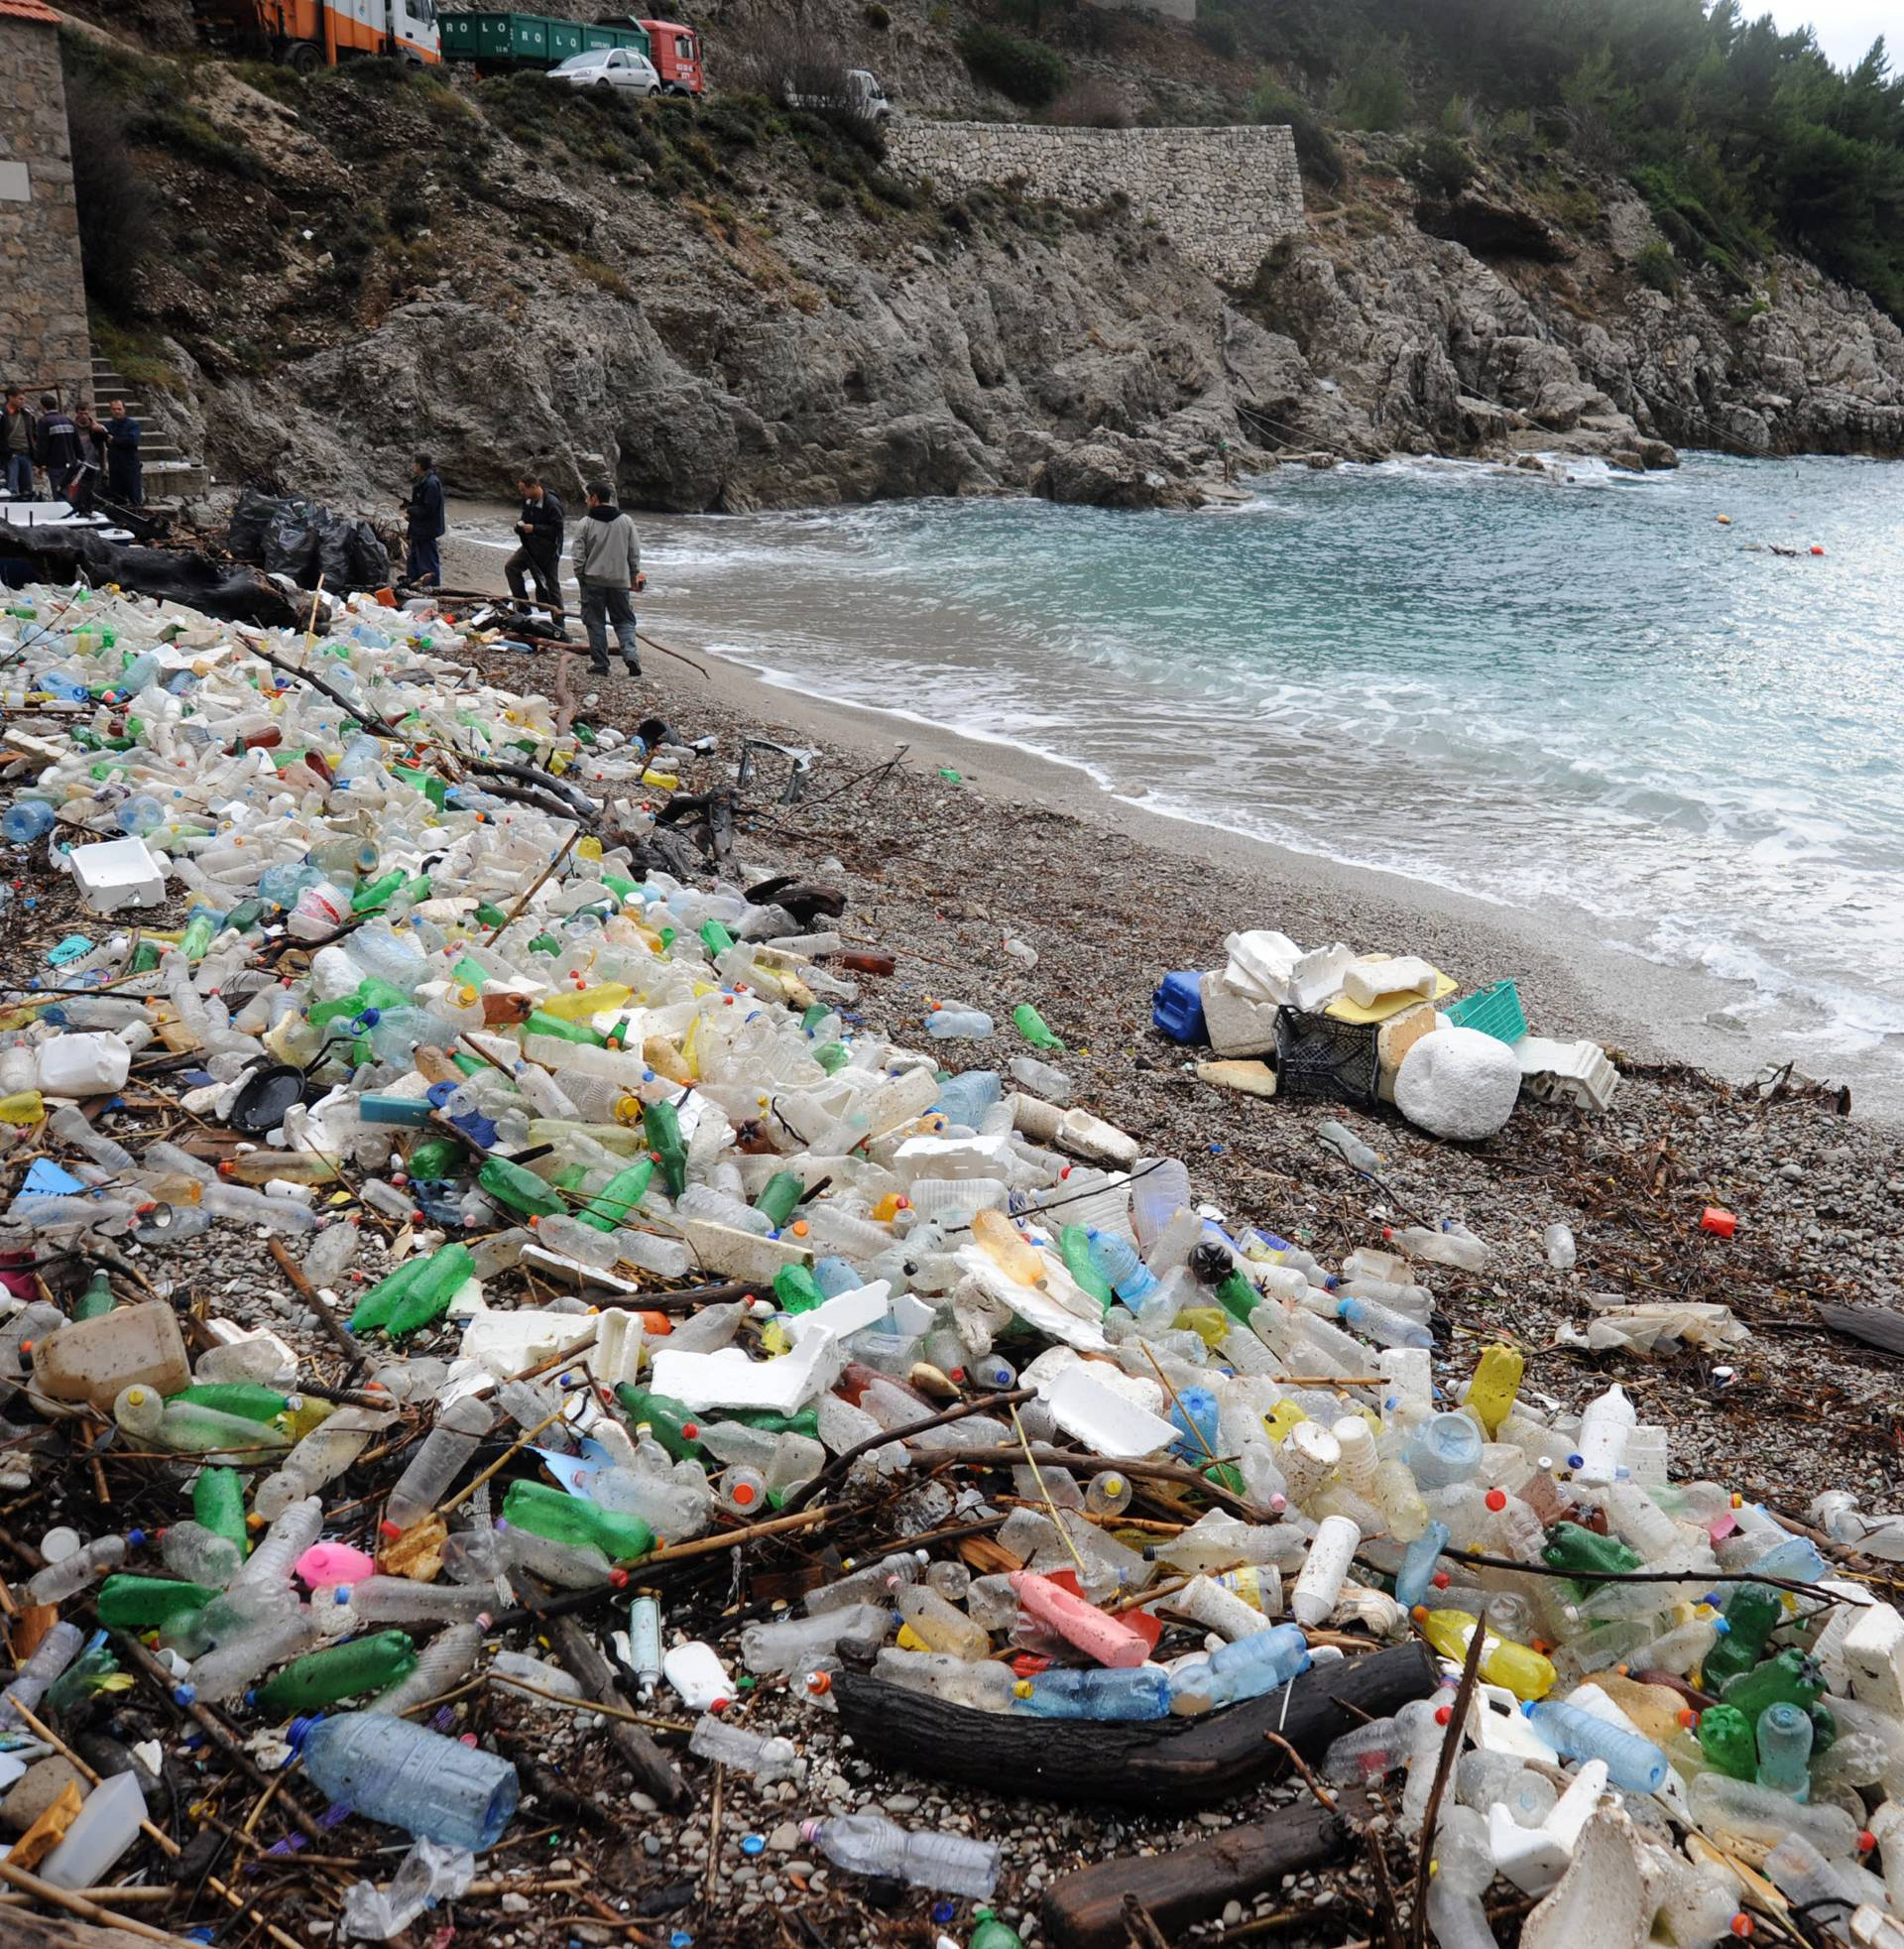 Jadran će postajati sve prljaviji jer je zbrinjavanje otpada loše